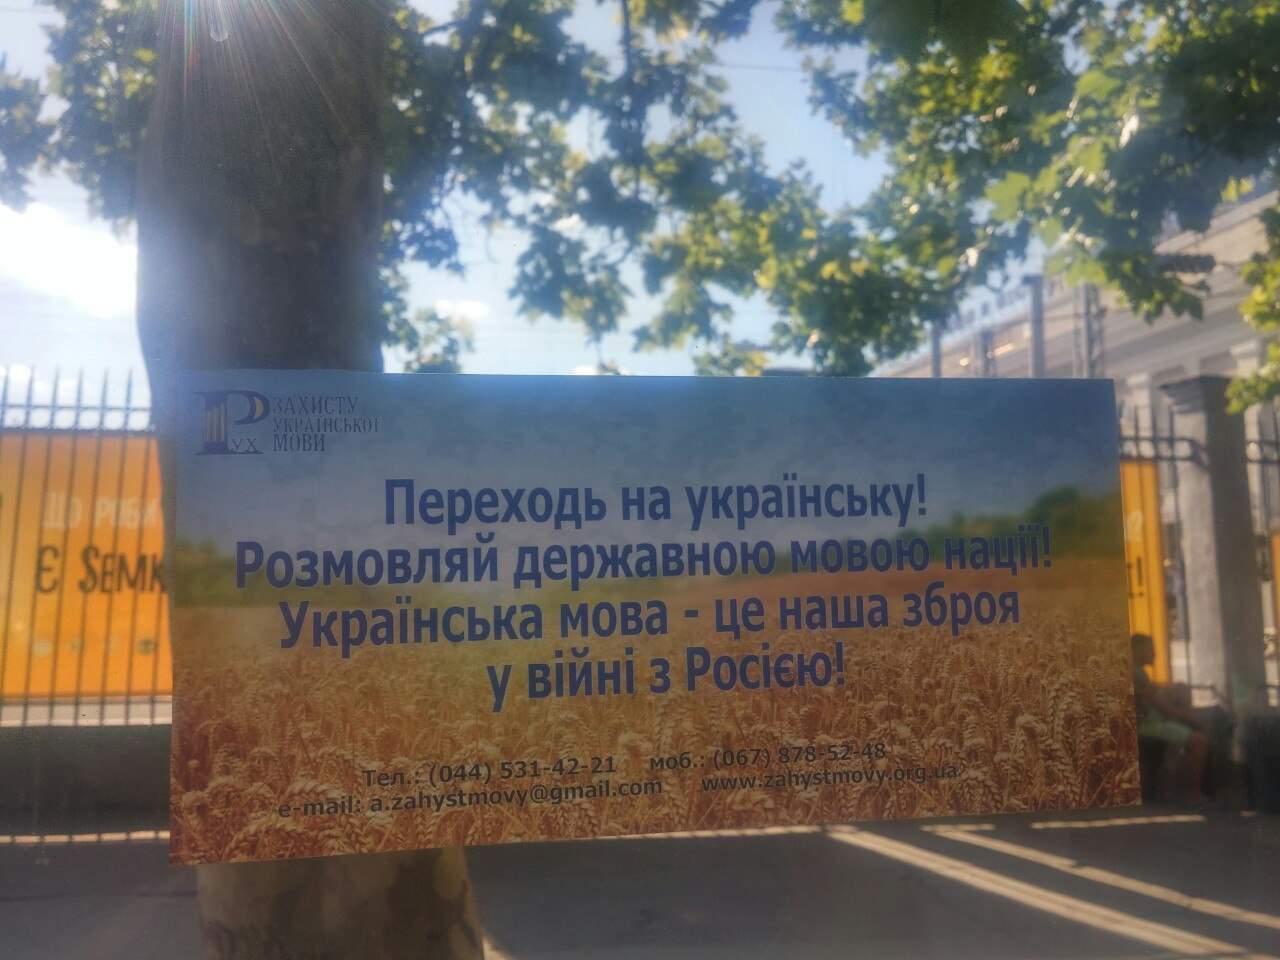 В Одессе активисты пропагандируют негативное отношение к русскоязычному населению (фото)